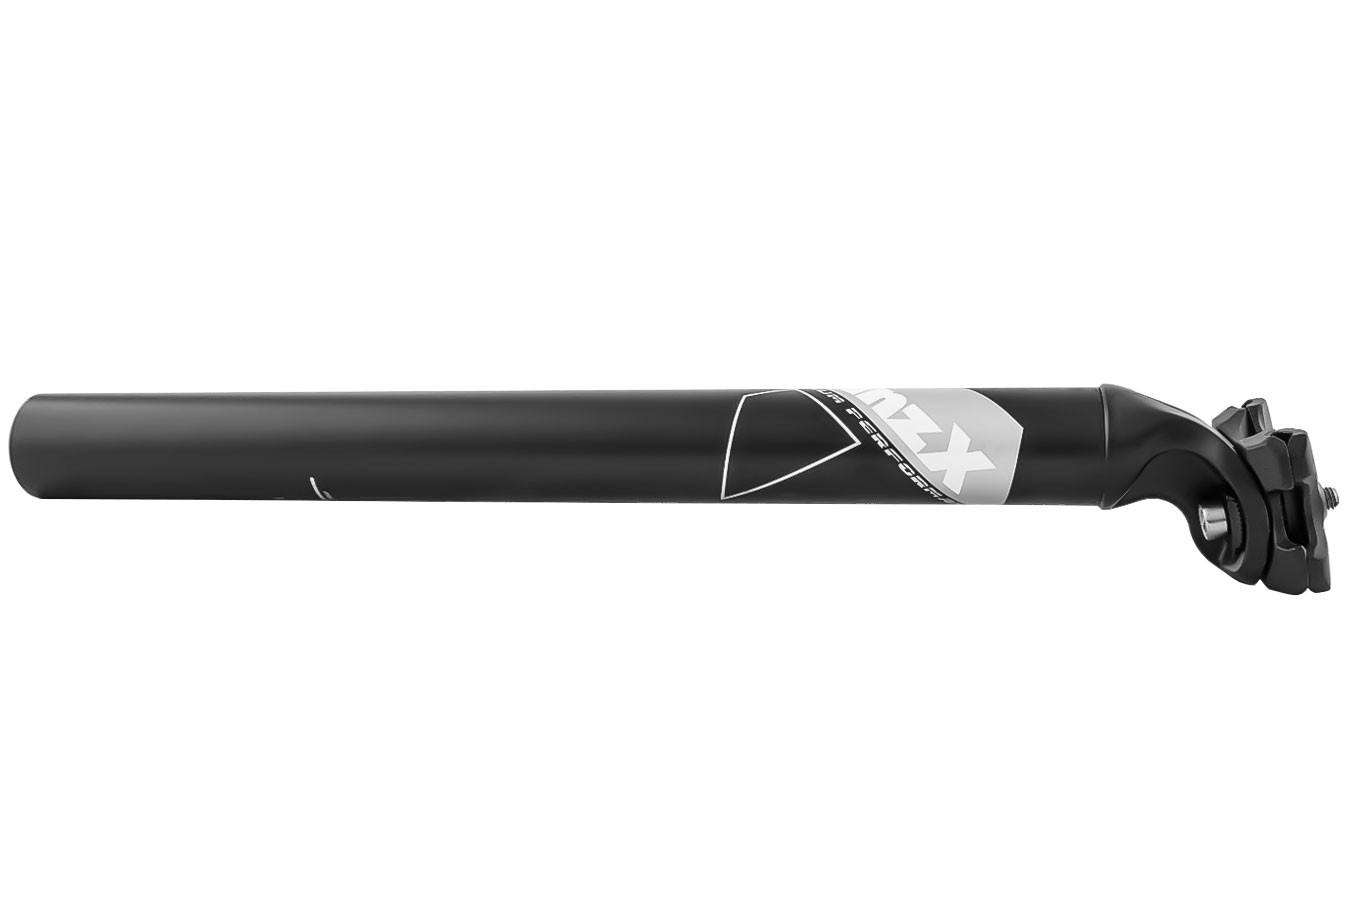 Canote do Selim Tranz-X 30,9X350MM com carrinho preto